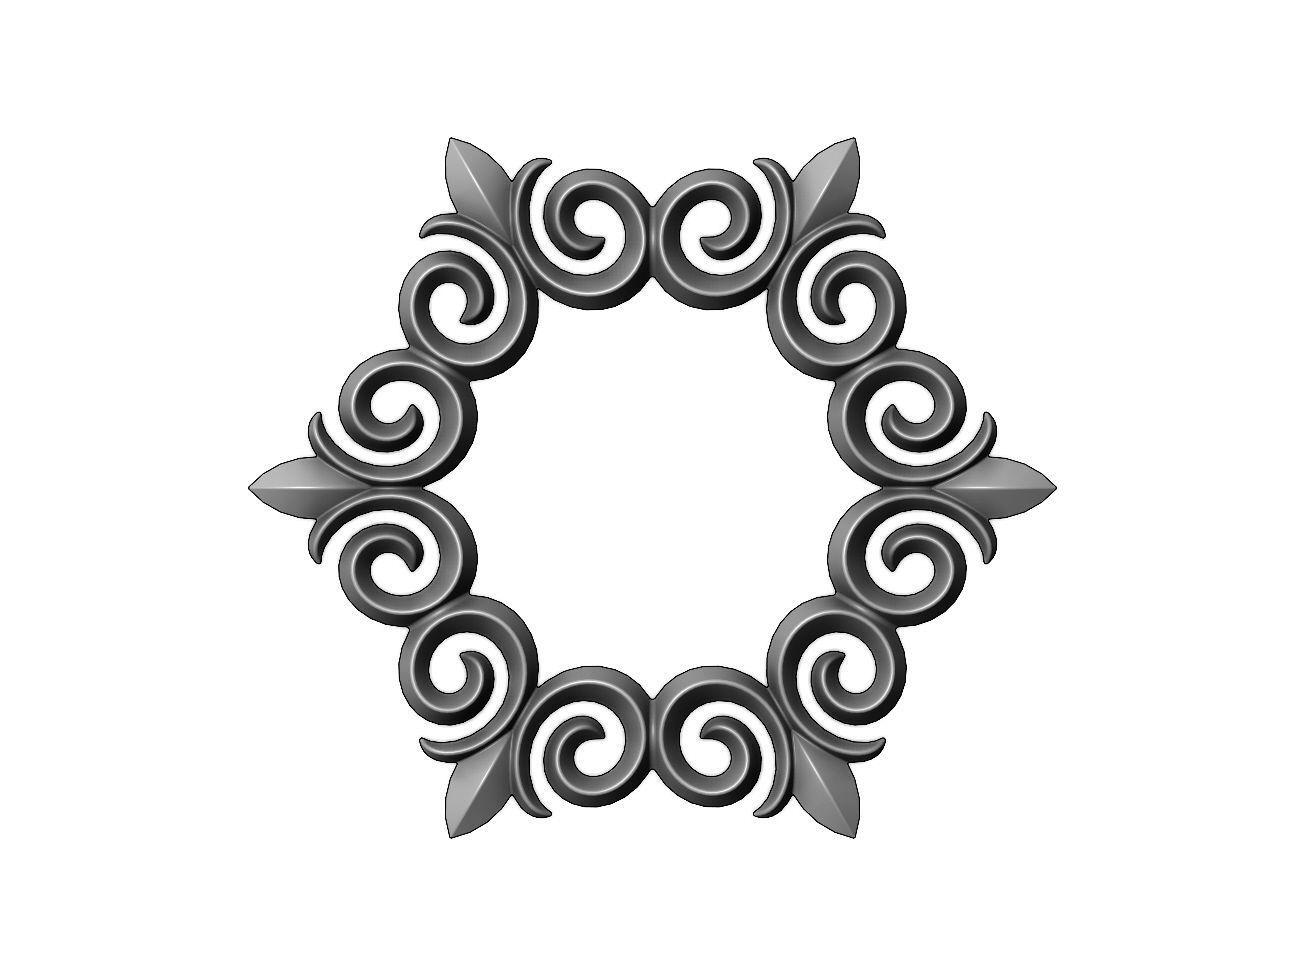 Hexagonal  floral decoration element relief